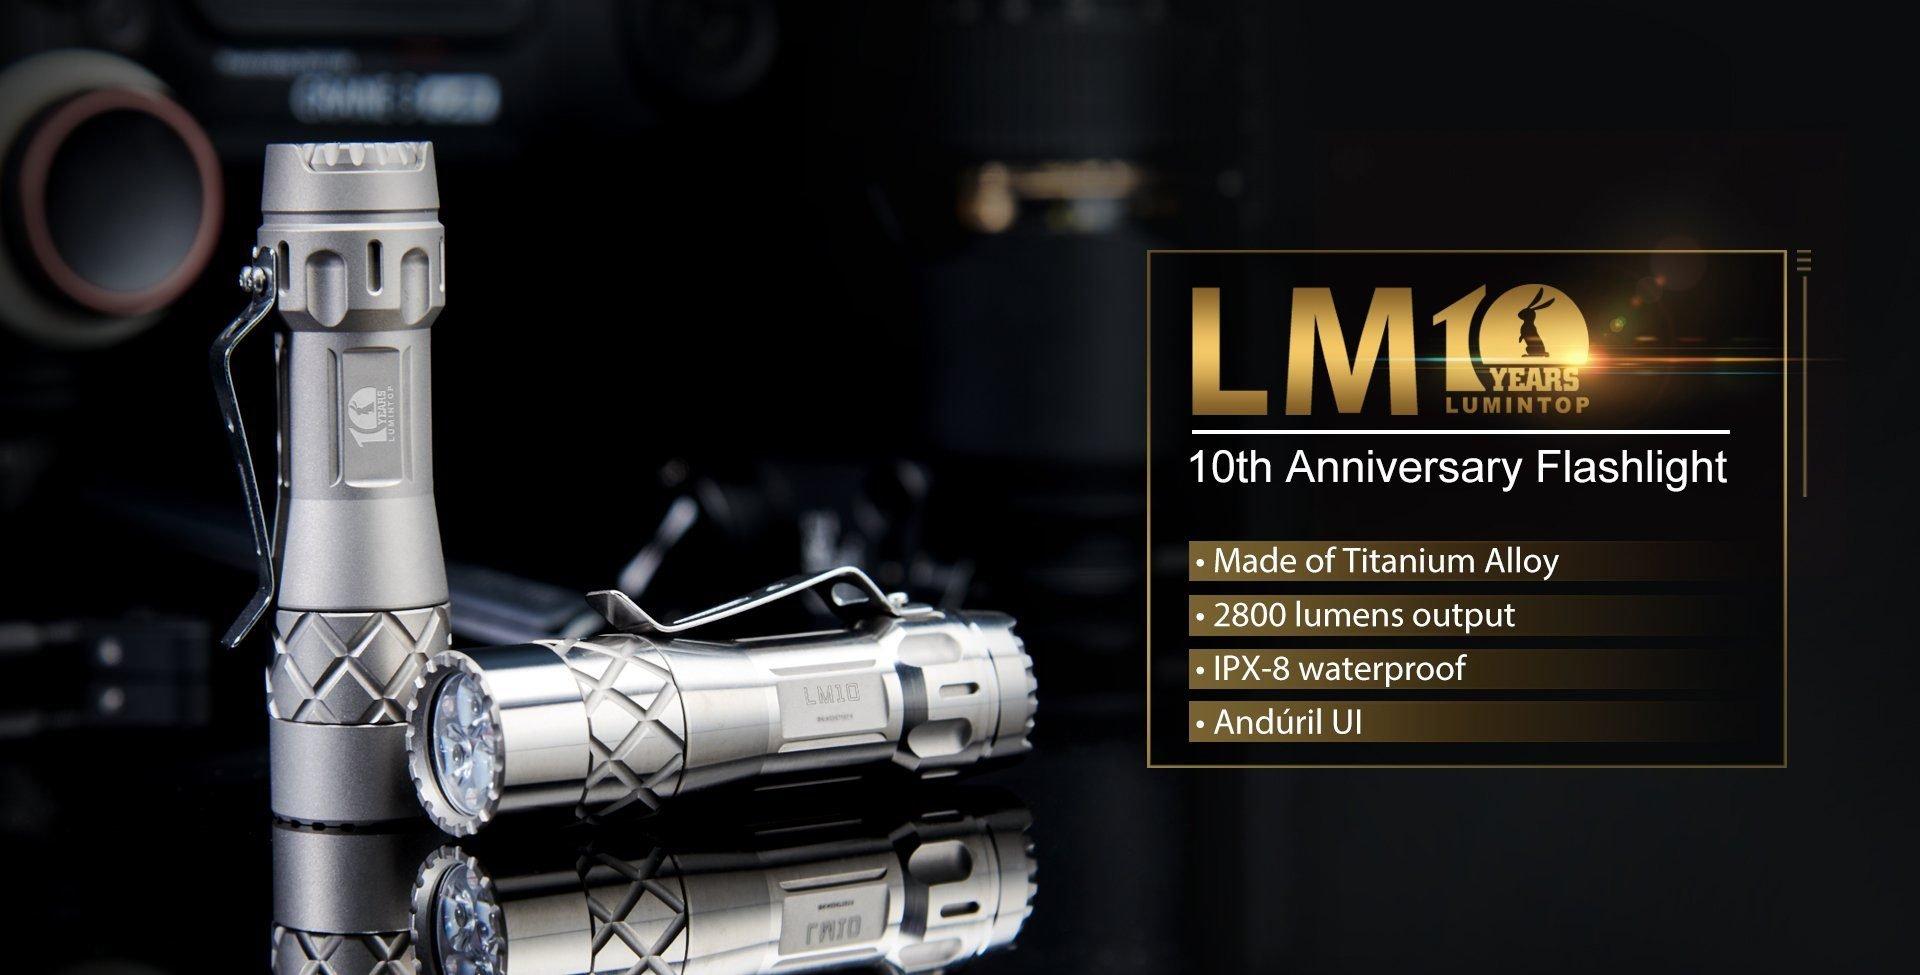 Lumintop LM10